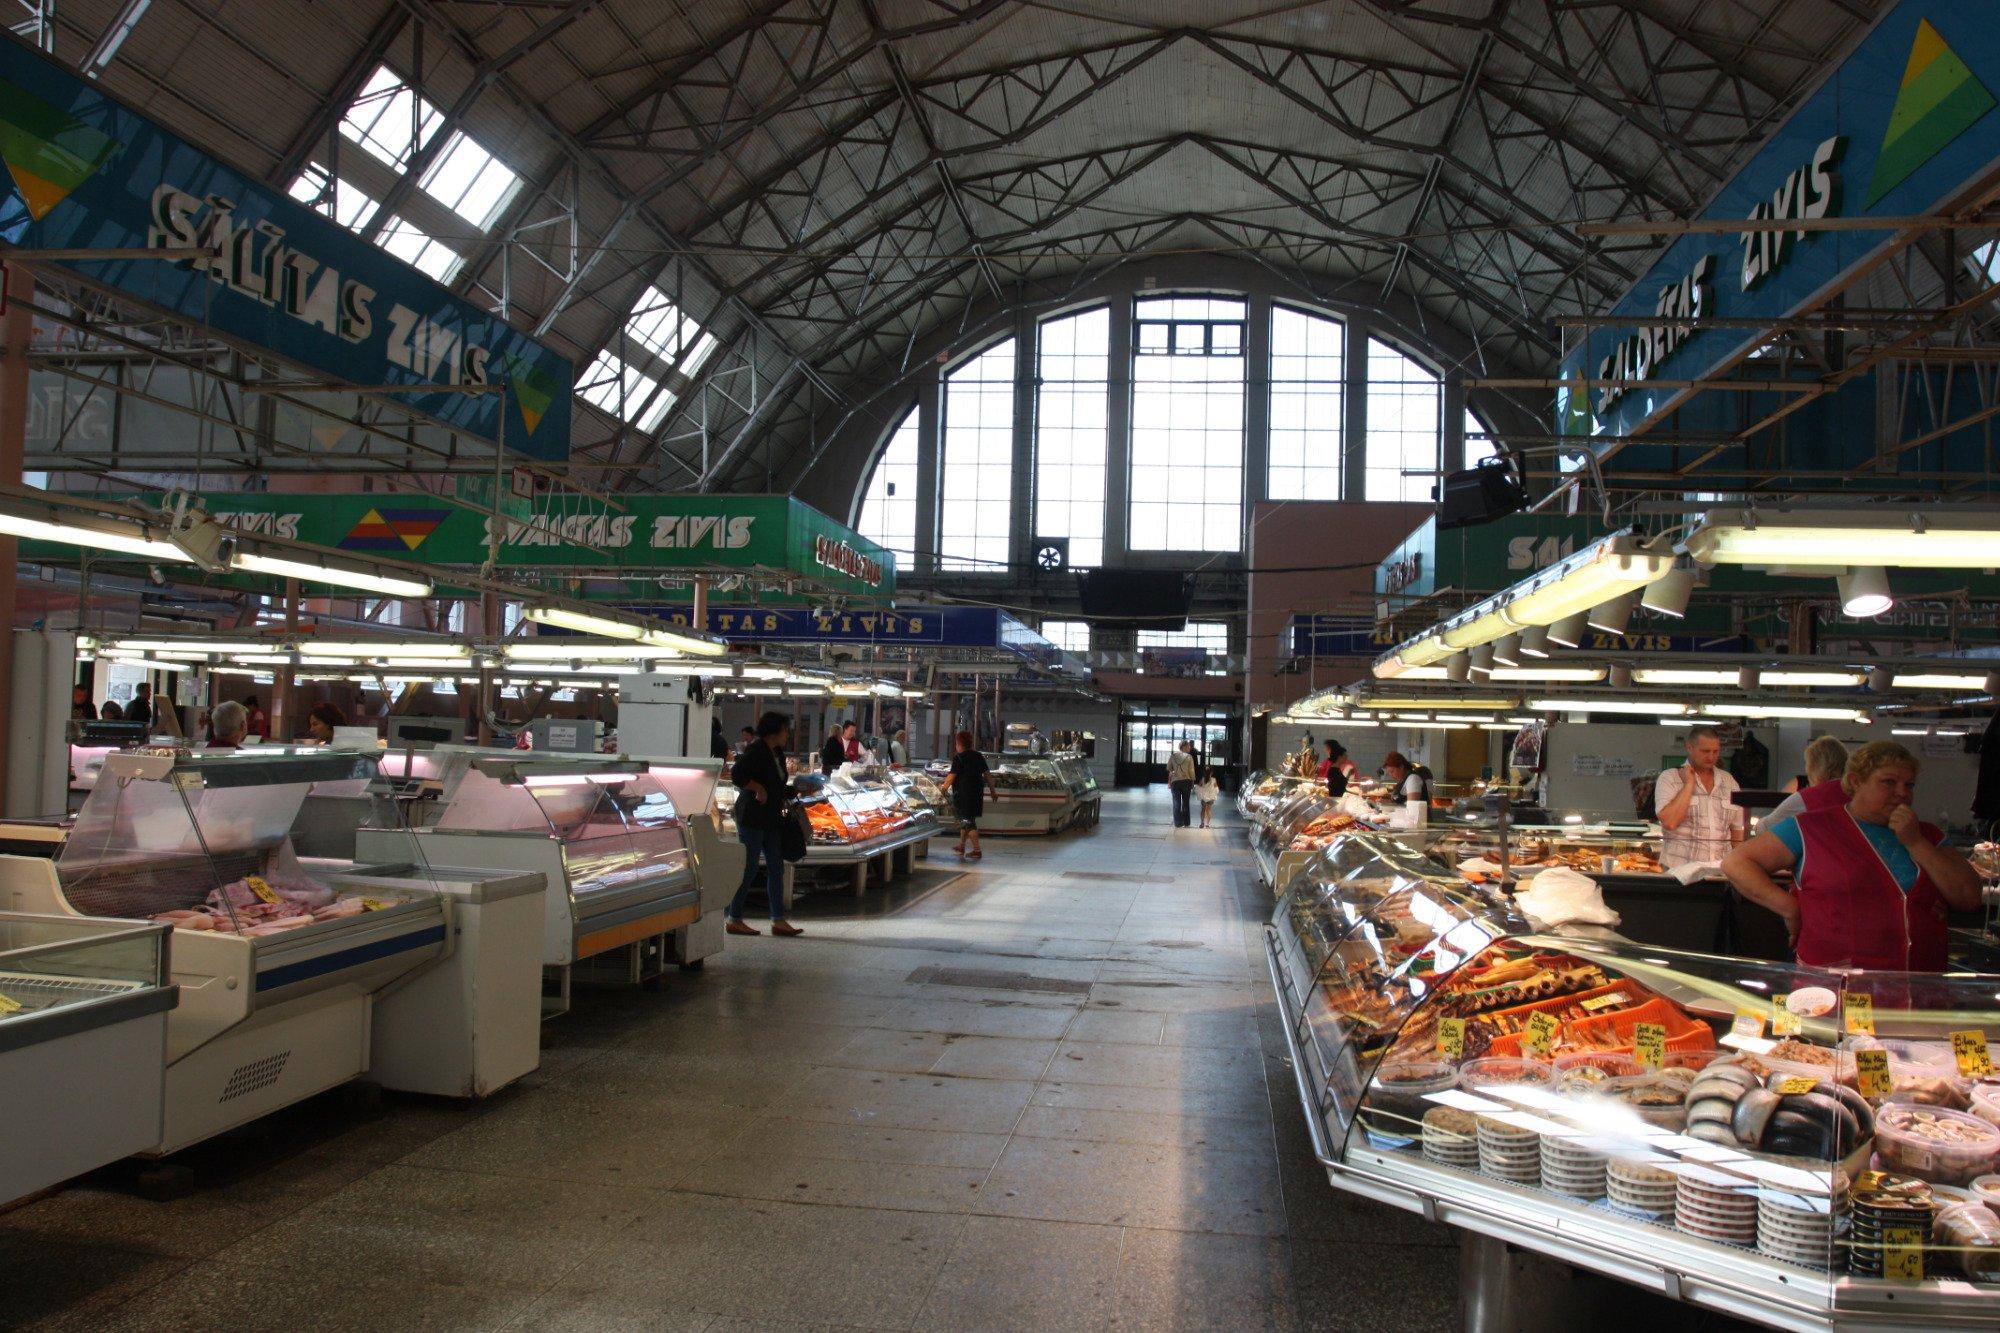 Центральный рынок (Централтиргус)